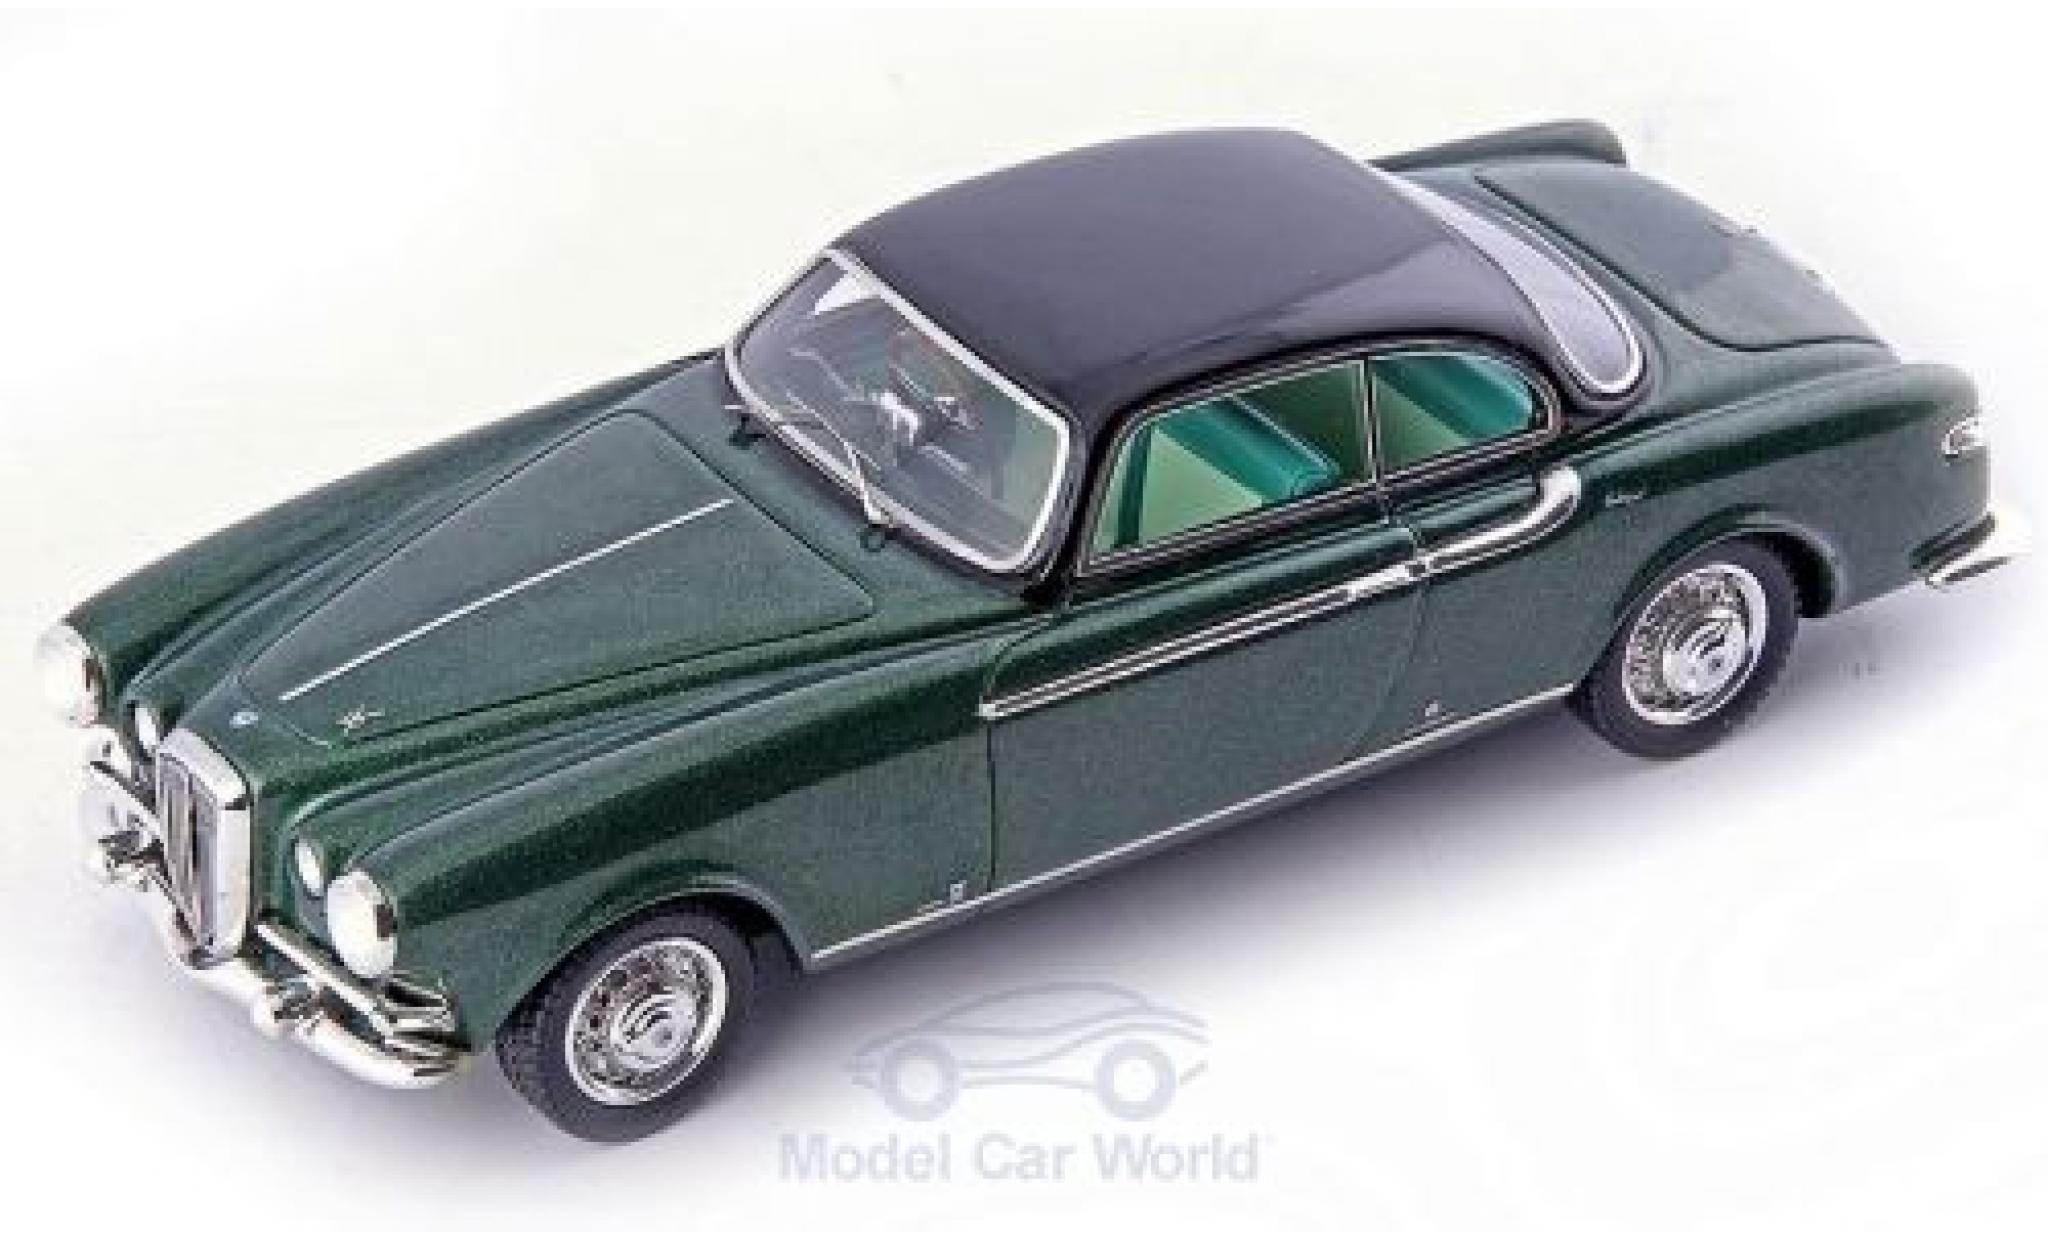 Lancia Aurelia 1/43 Autocult/Avenue 43 B52 Coupe Vignale verte/noire RHD 1952